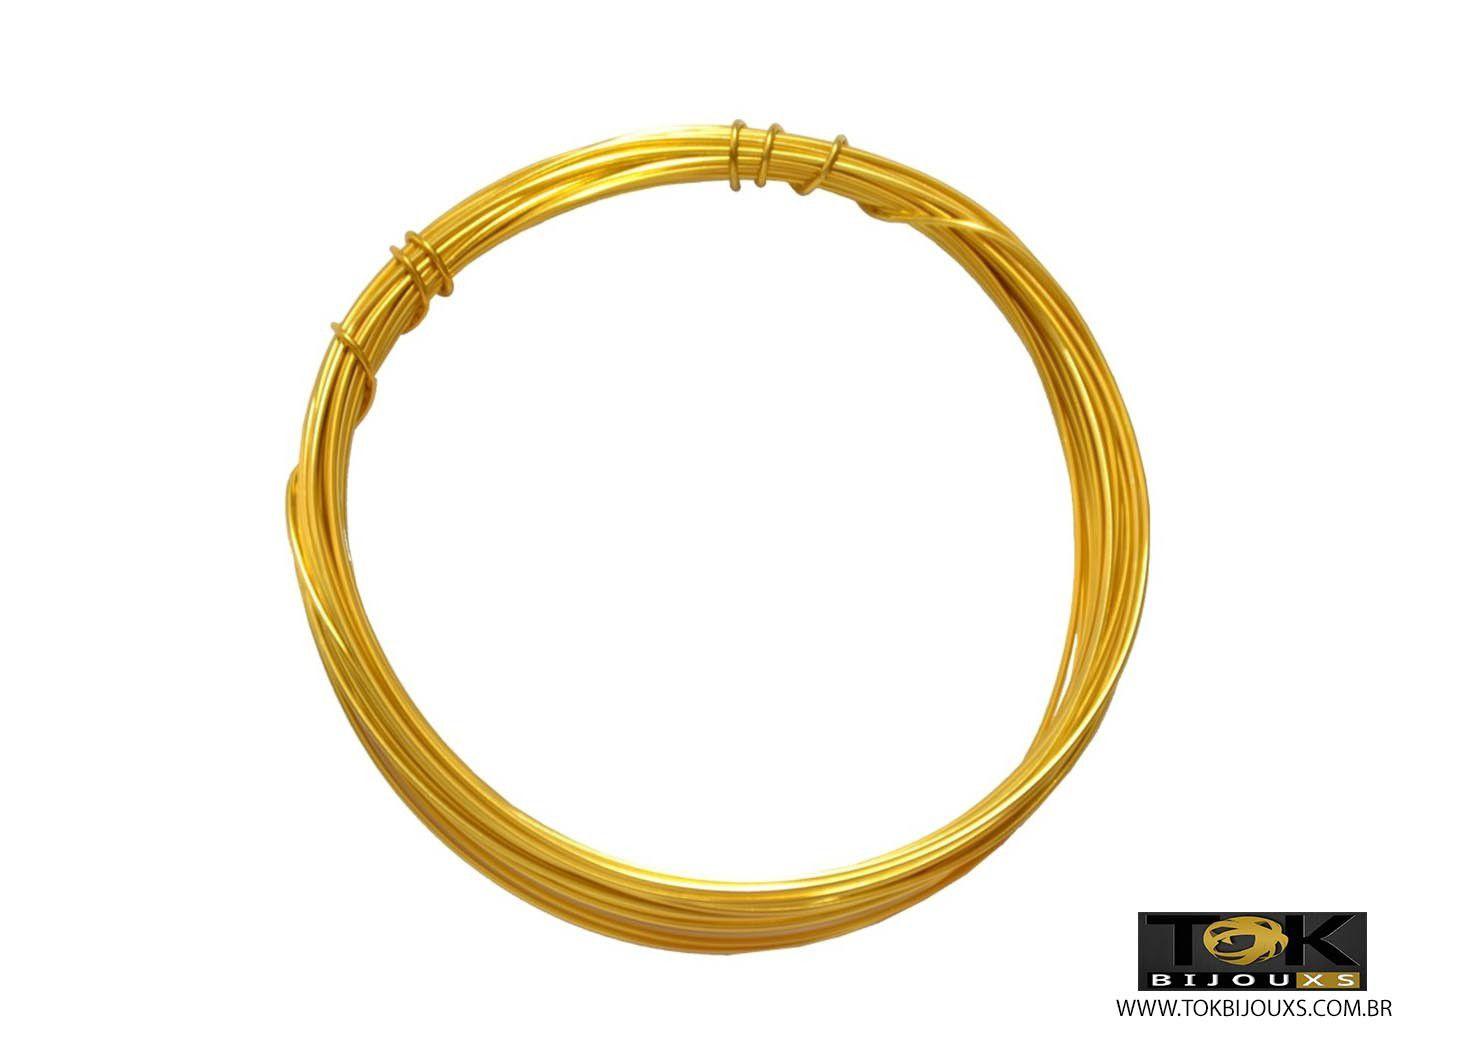 Arame Aluminio Dourado 1,5mm - 500g